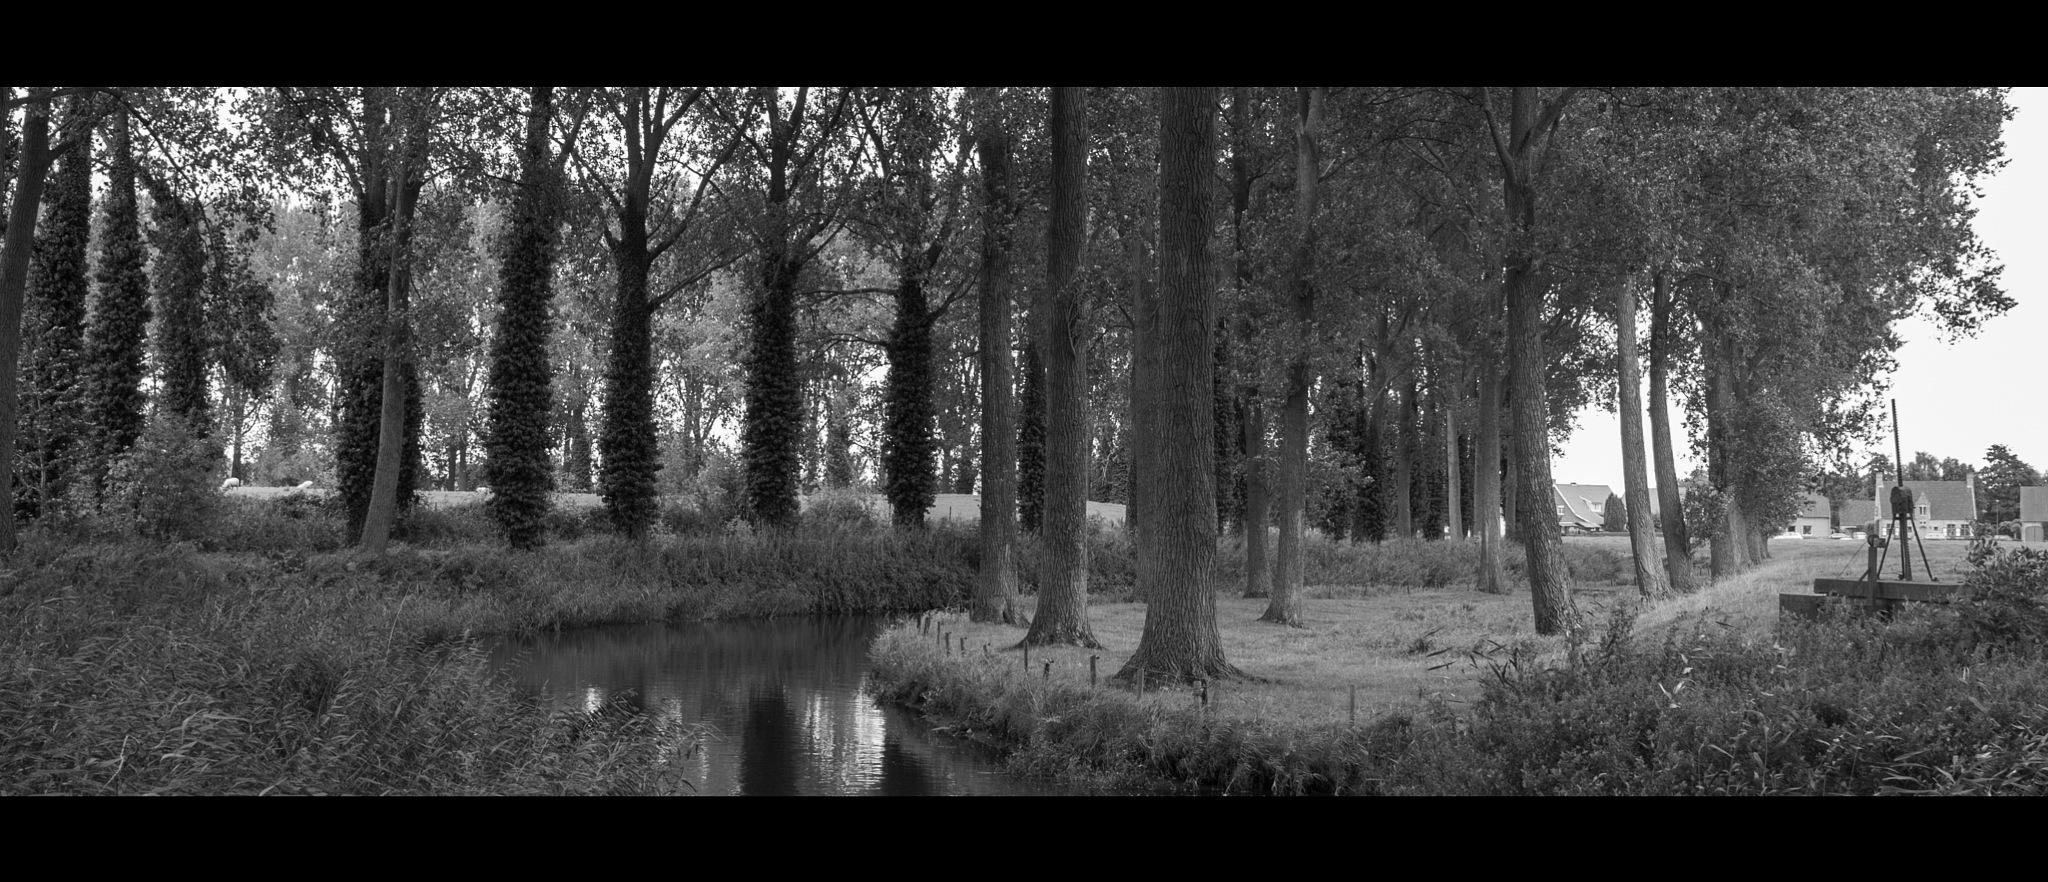 Filmisch Fotograferen by Calebout Freddy